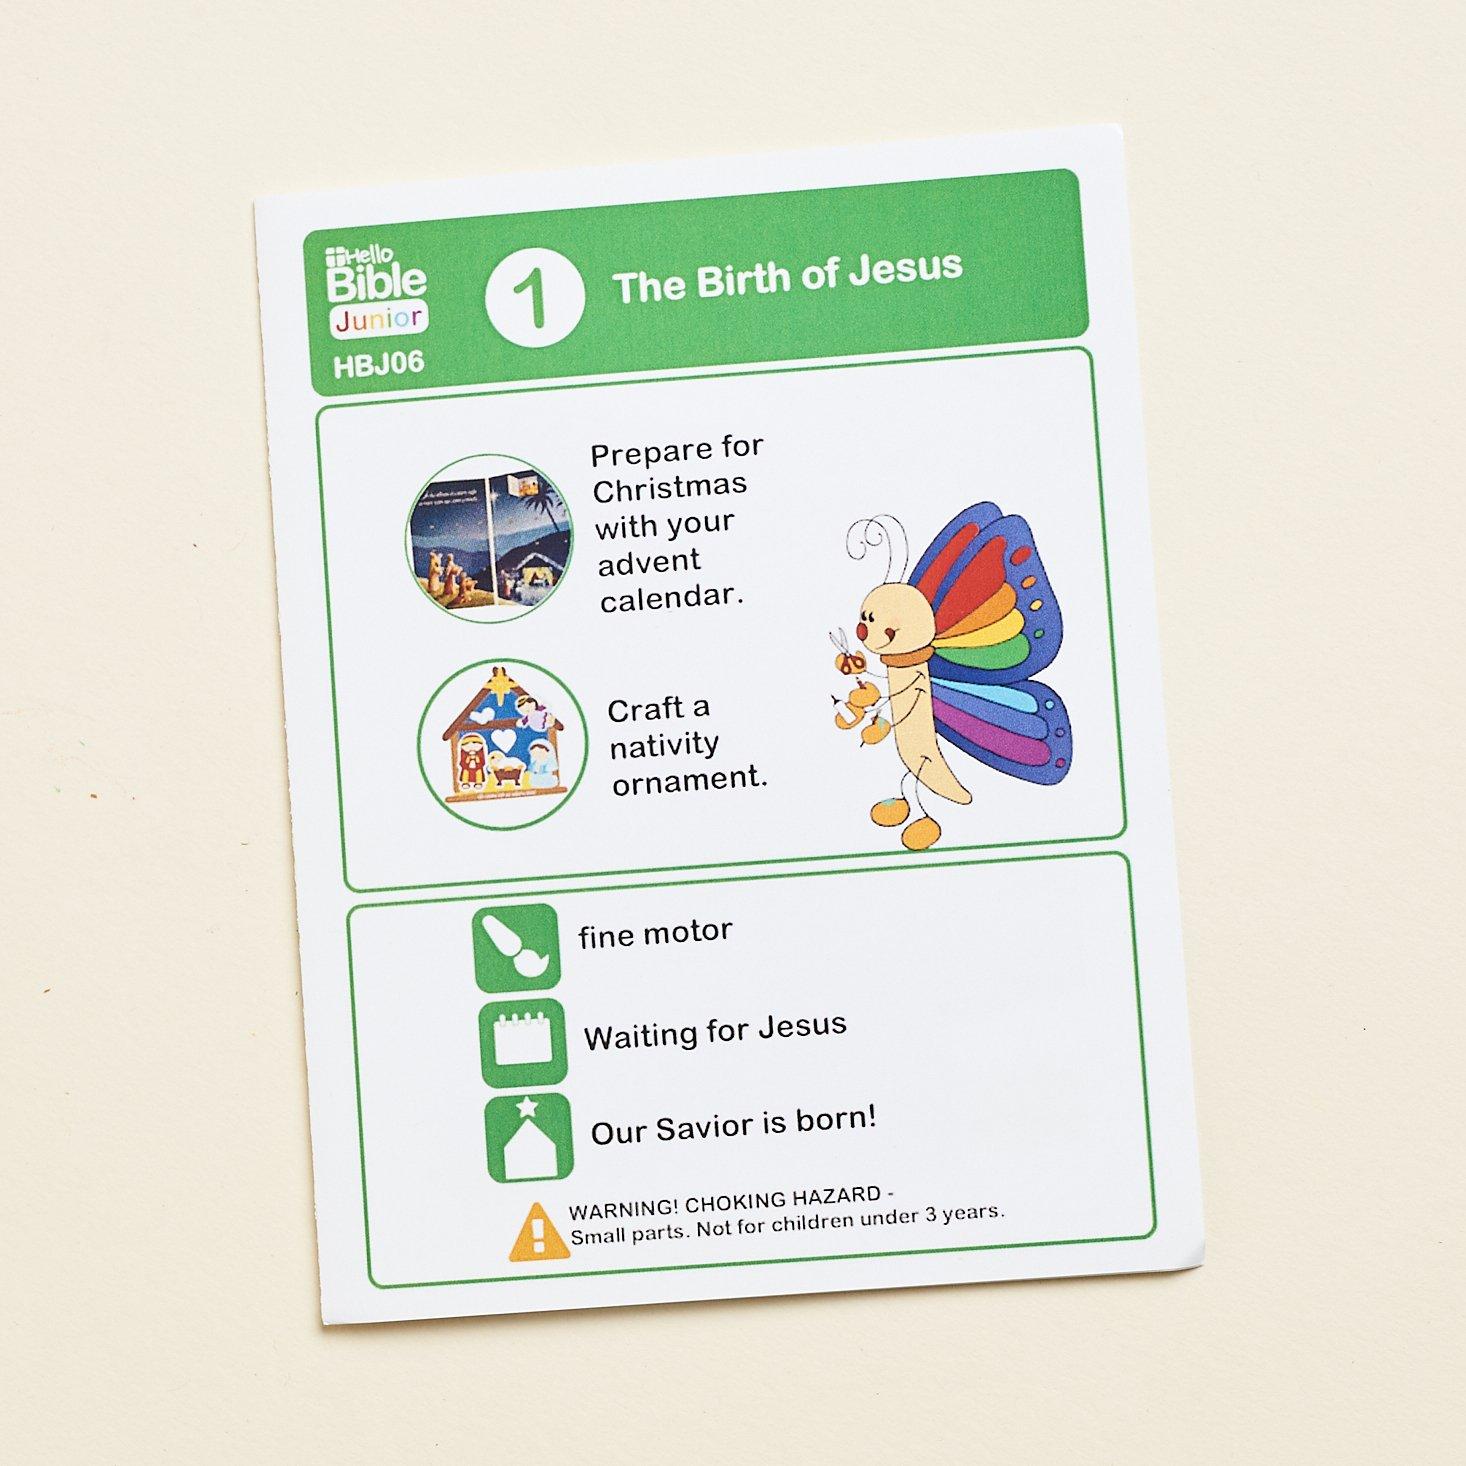 Hello Bible November 2020 activity 1 card